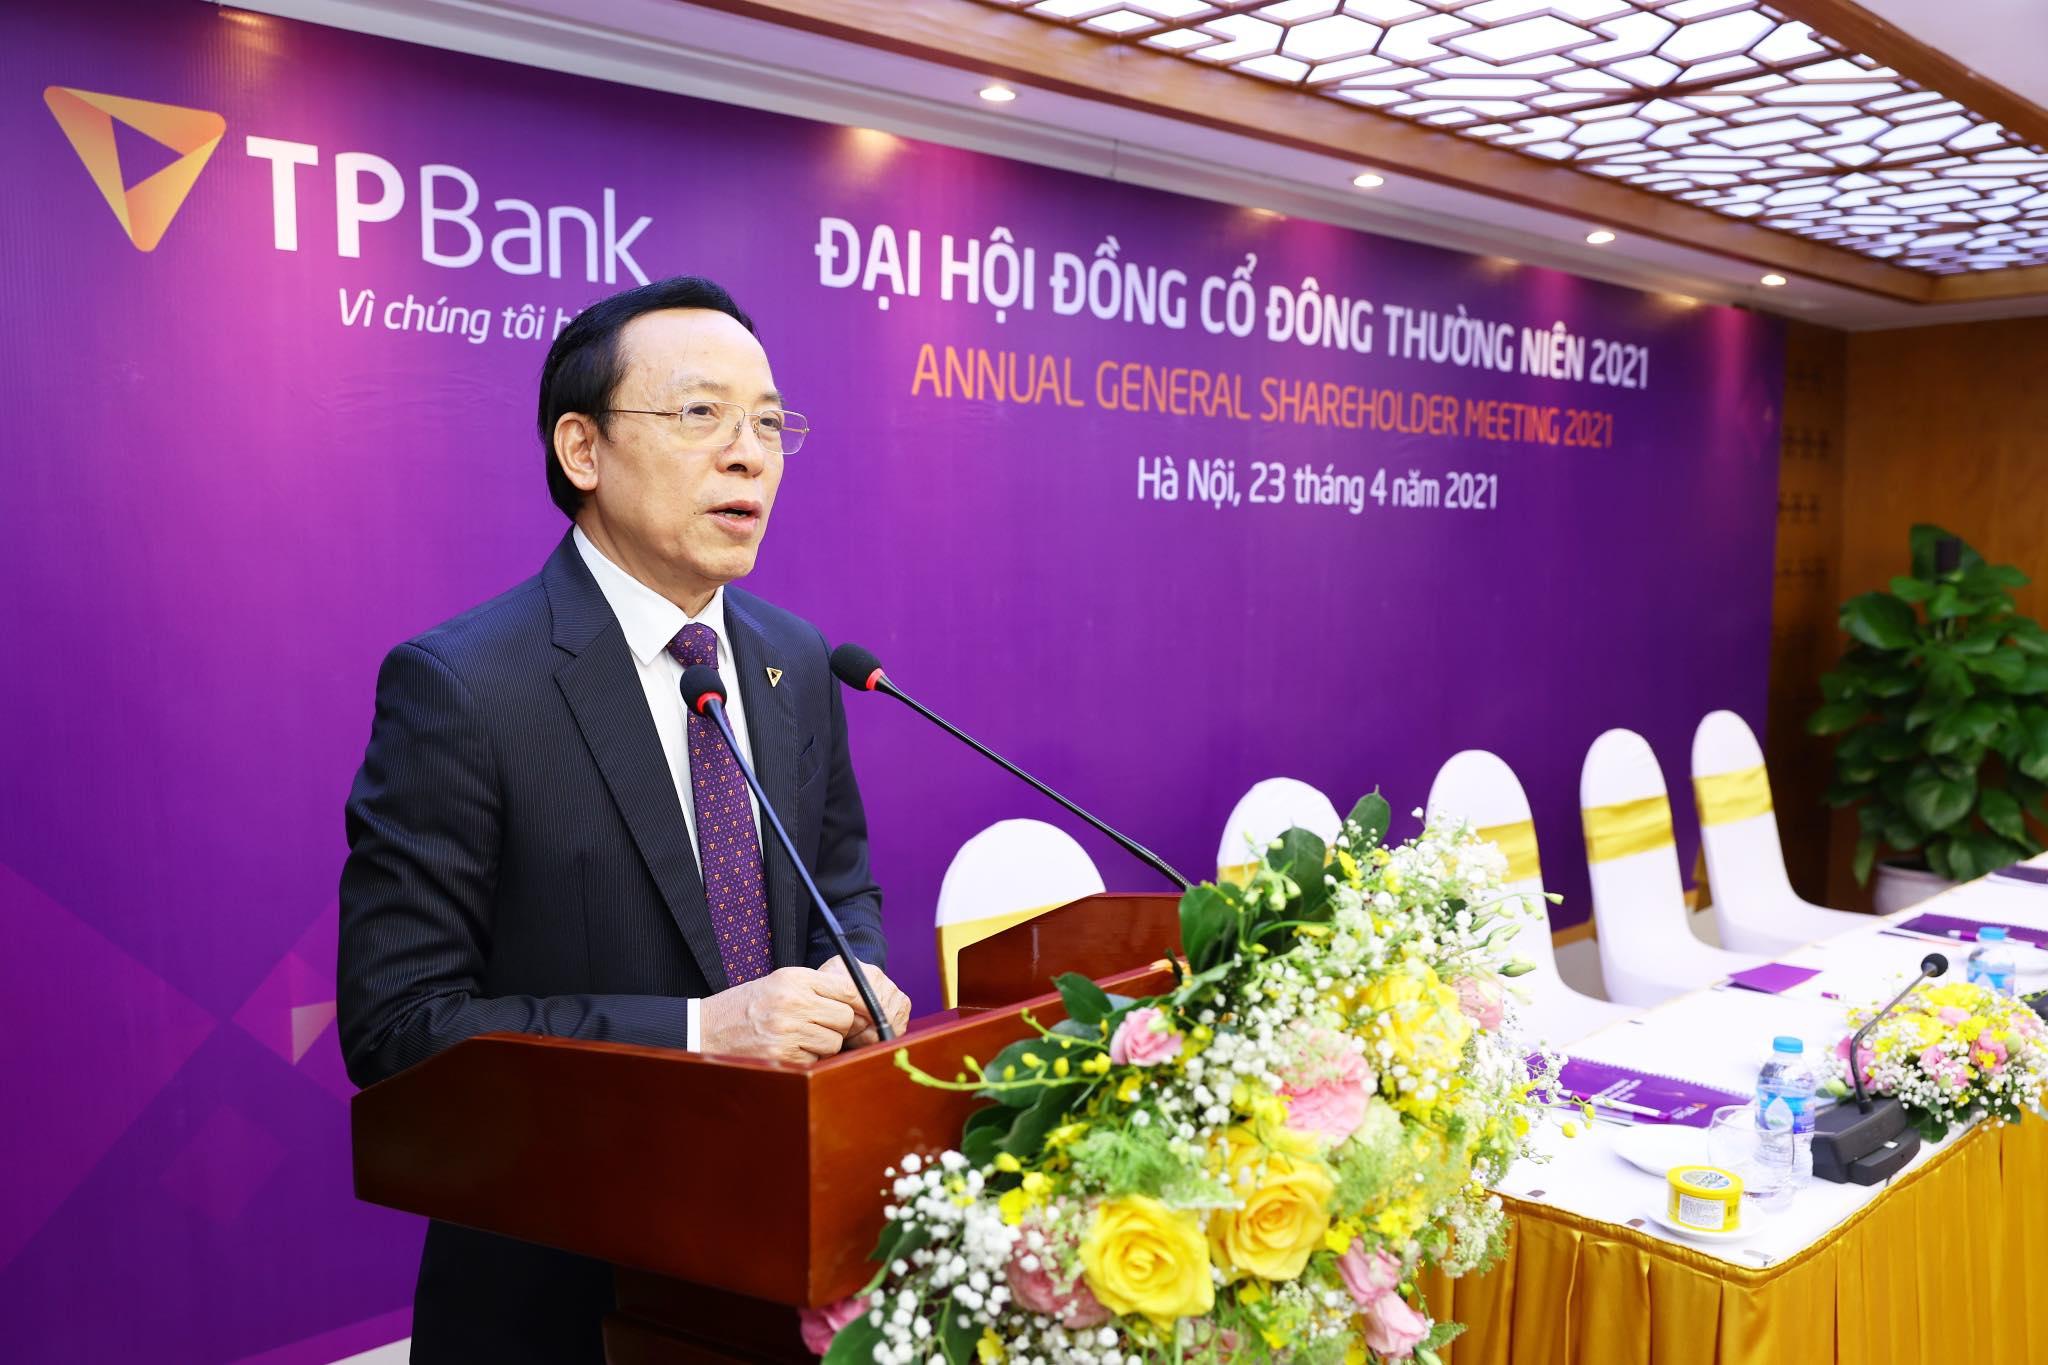 Chủ tịch Đỗ Minh Phú: TPBank có thể chia cổ tức bất cứ lúc nào - Ảnh 1.